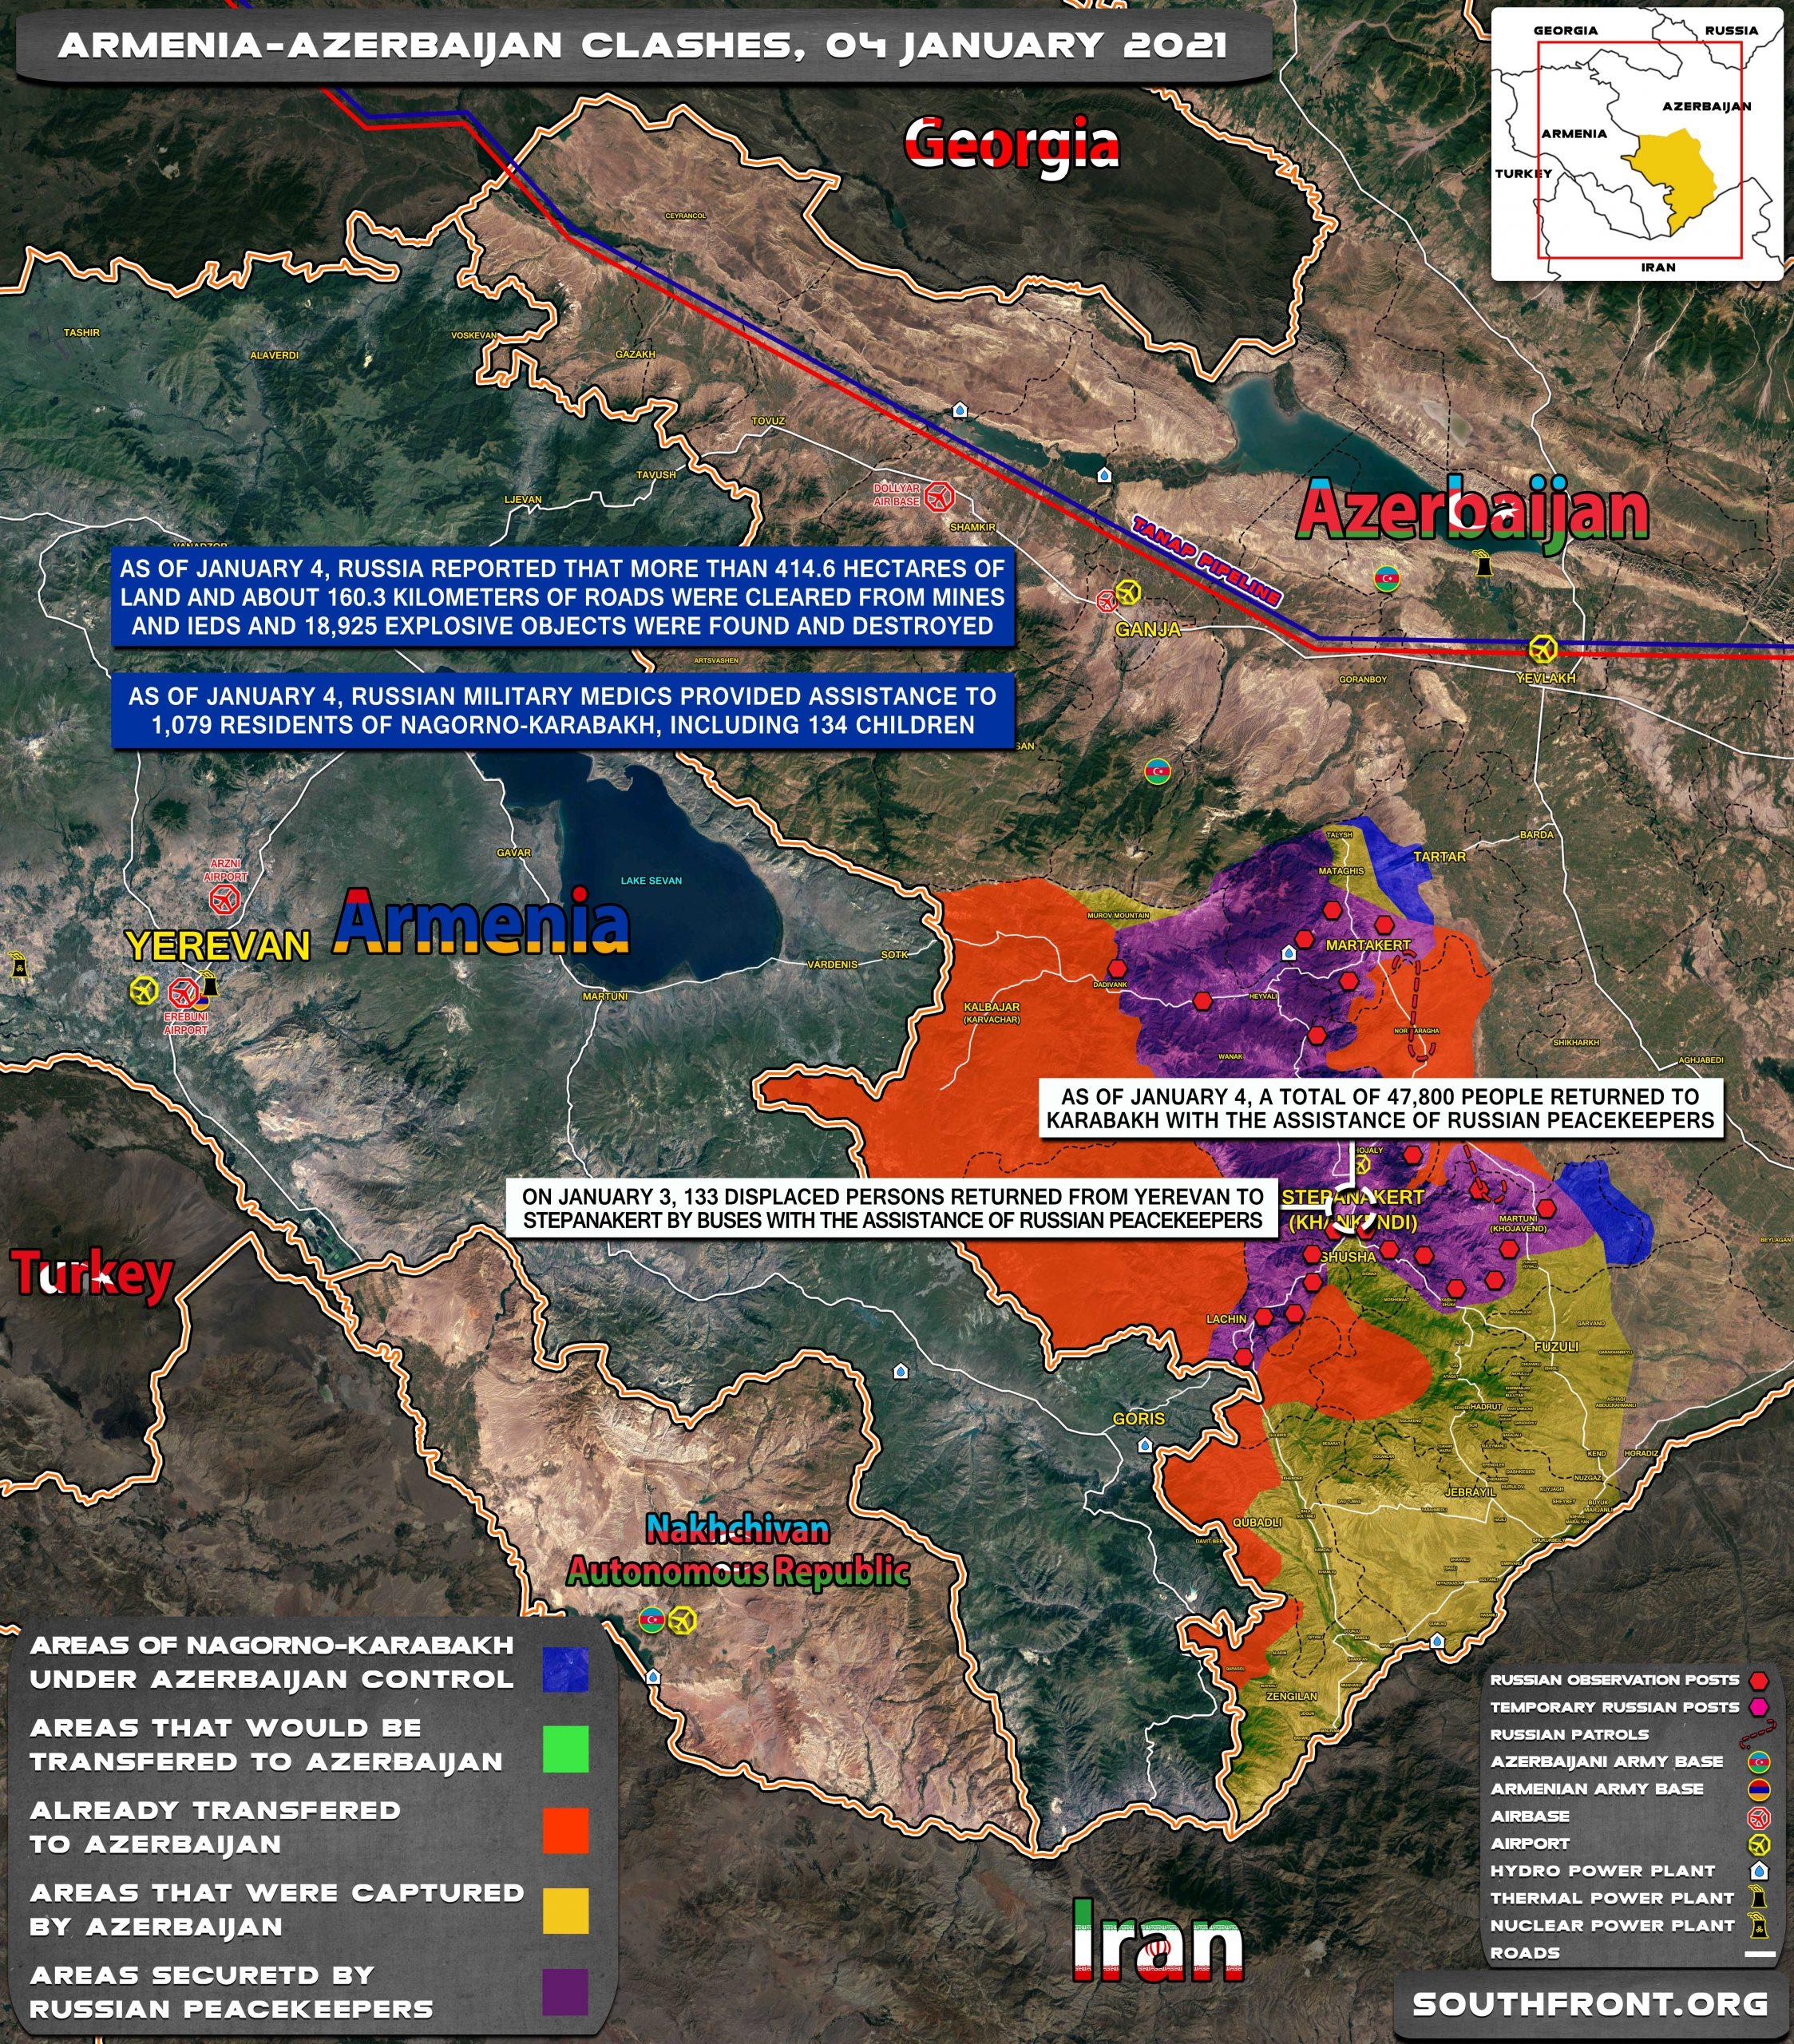 Azerbaijan Used Turkey's TLRG-230 Artillery System In Karabakh War